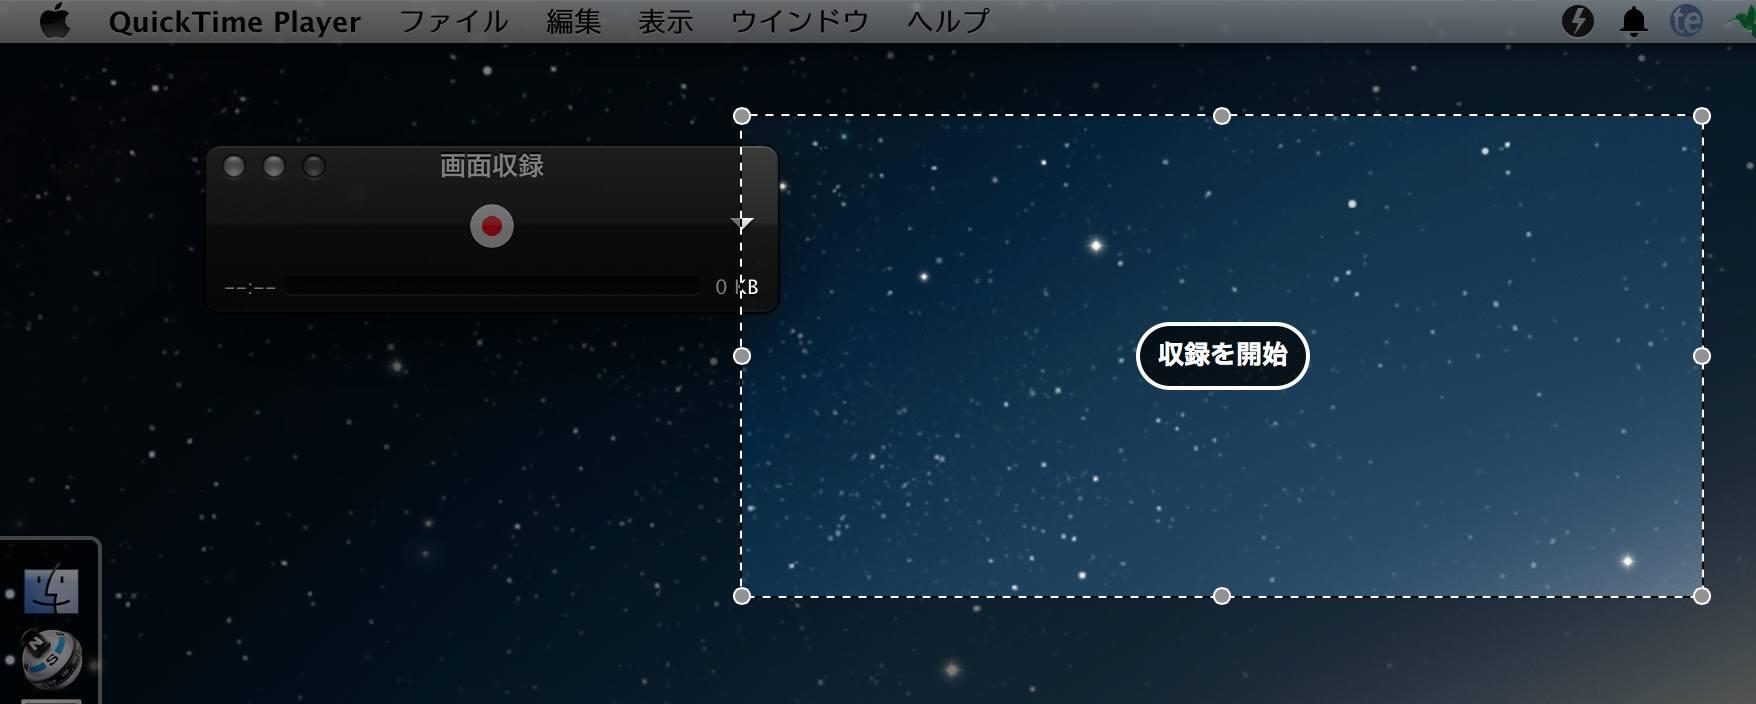 Macで画面のスクリーンショット(キャプチャ)する方法 〜静止画と動画の両方〜